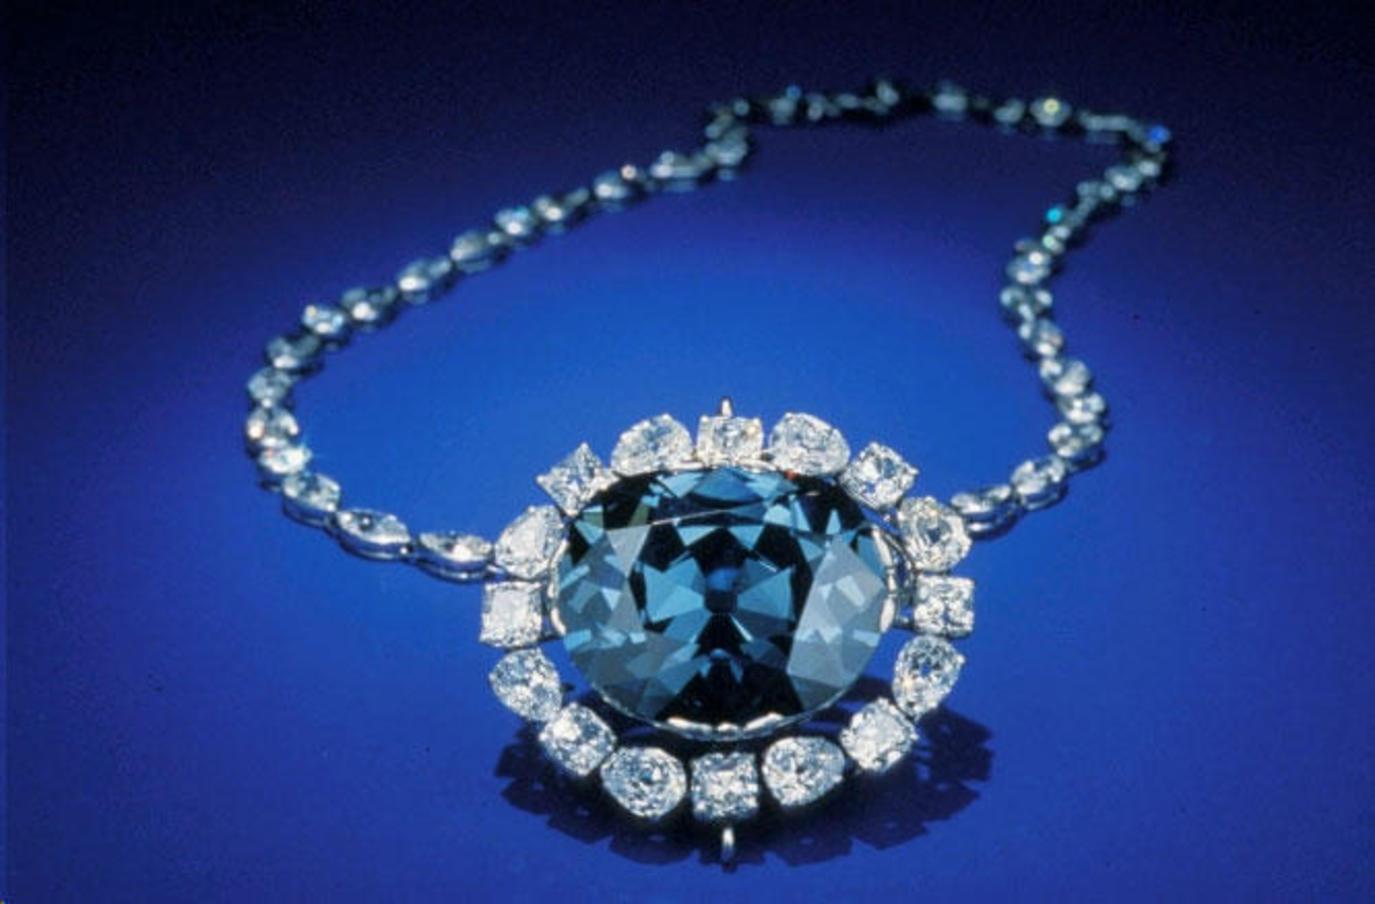 Vụ trộm kim cương khét tiếng tại Pháp: Bê cả gia tài đến tận Mỹ, đi đến đâu, gieo chết chóc đến đó! - Ảnh 4.